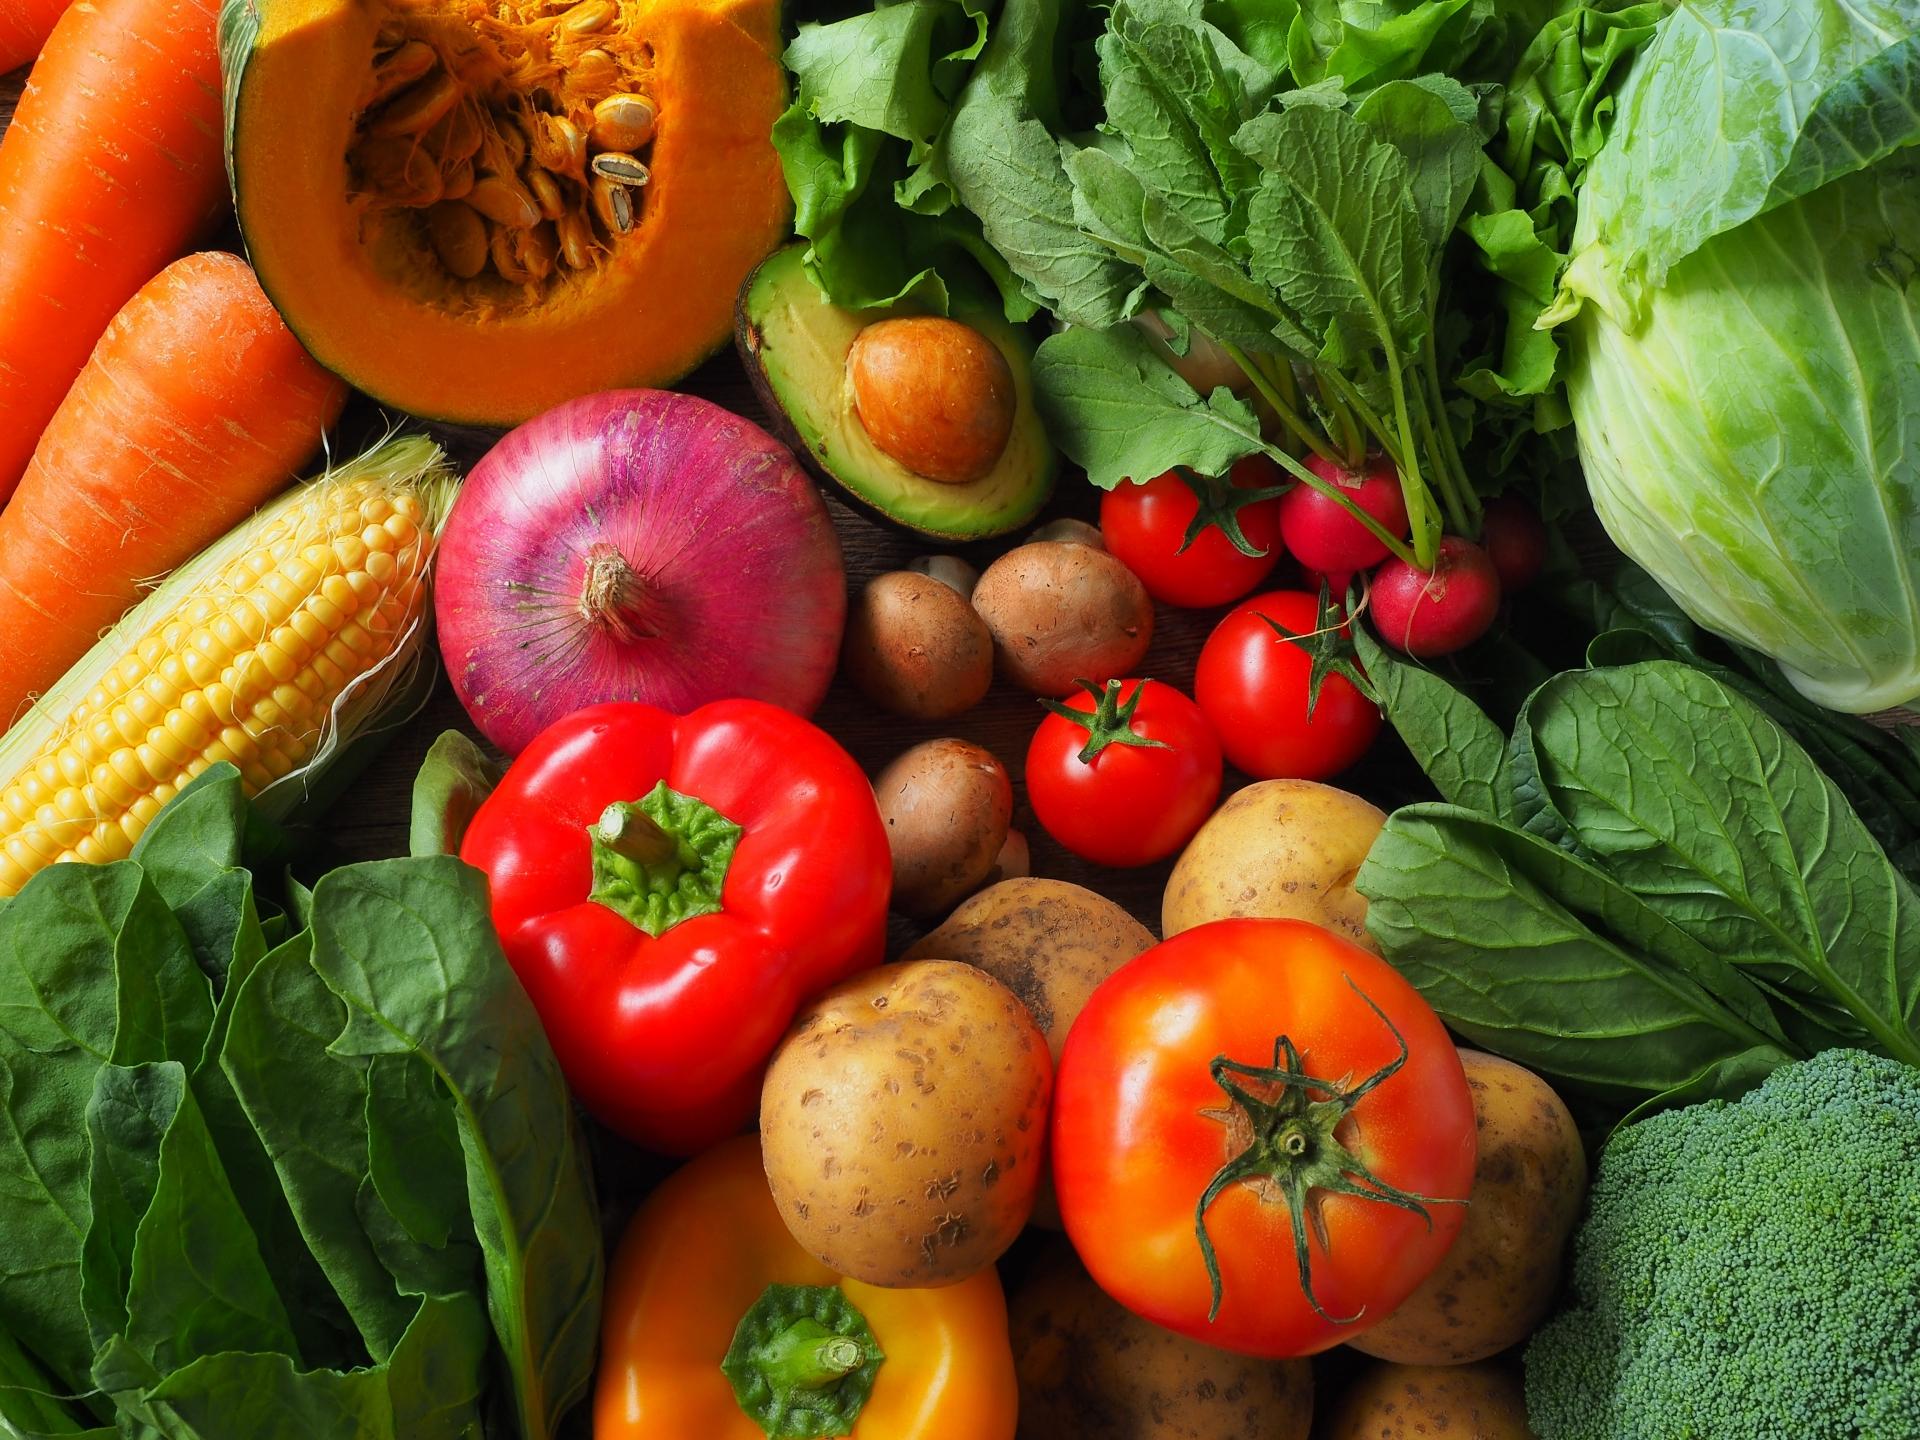 《旬の野菜+オリーブオイル》で美味しく紫外線対策